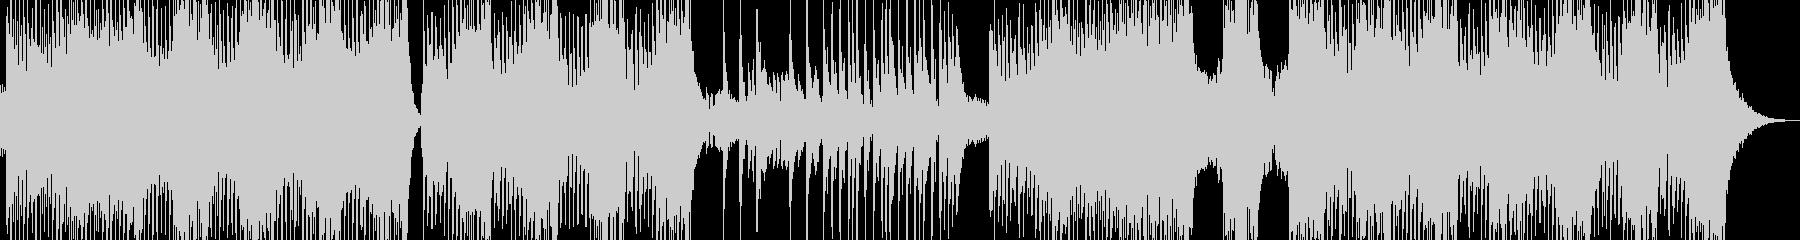 不気味な雰囲気放つエスニックテクノ 短尺の未再生の波形